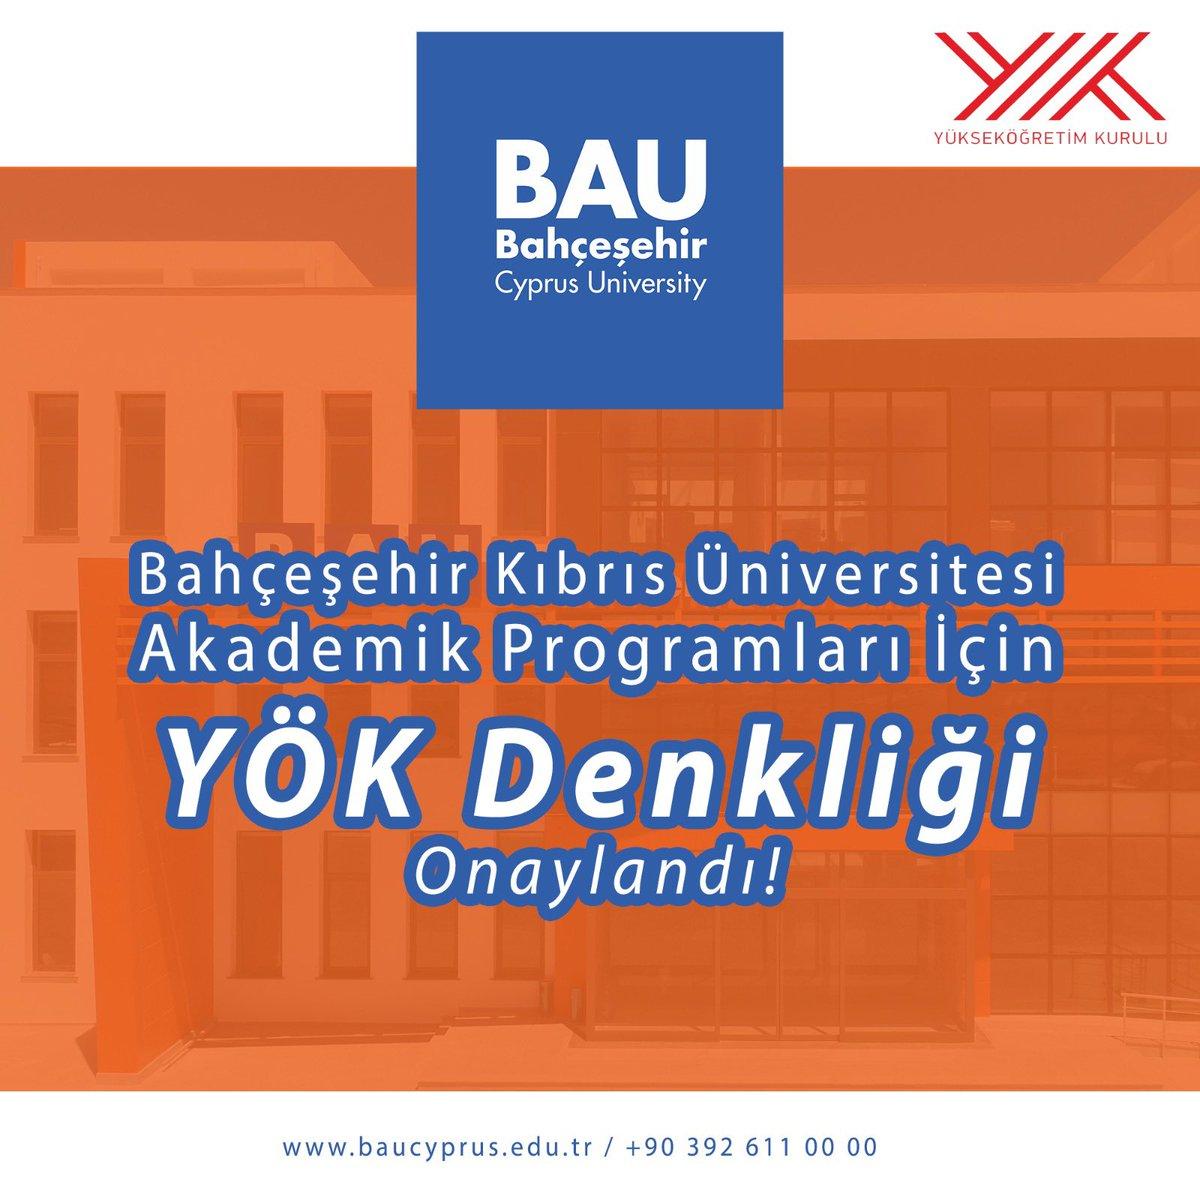 Bahçeşehir Kıbrıs Üniversitesi akademik programları için YÖK denkliği onaylandı! 💙 #bau #baucyprus #baufamily #welovebau #youmatterwecare https://t.co/07r8Hj4dMD